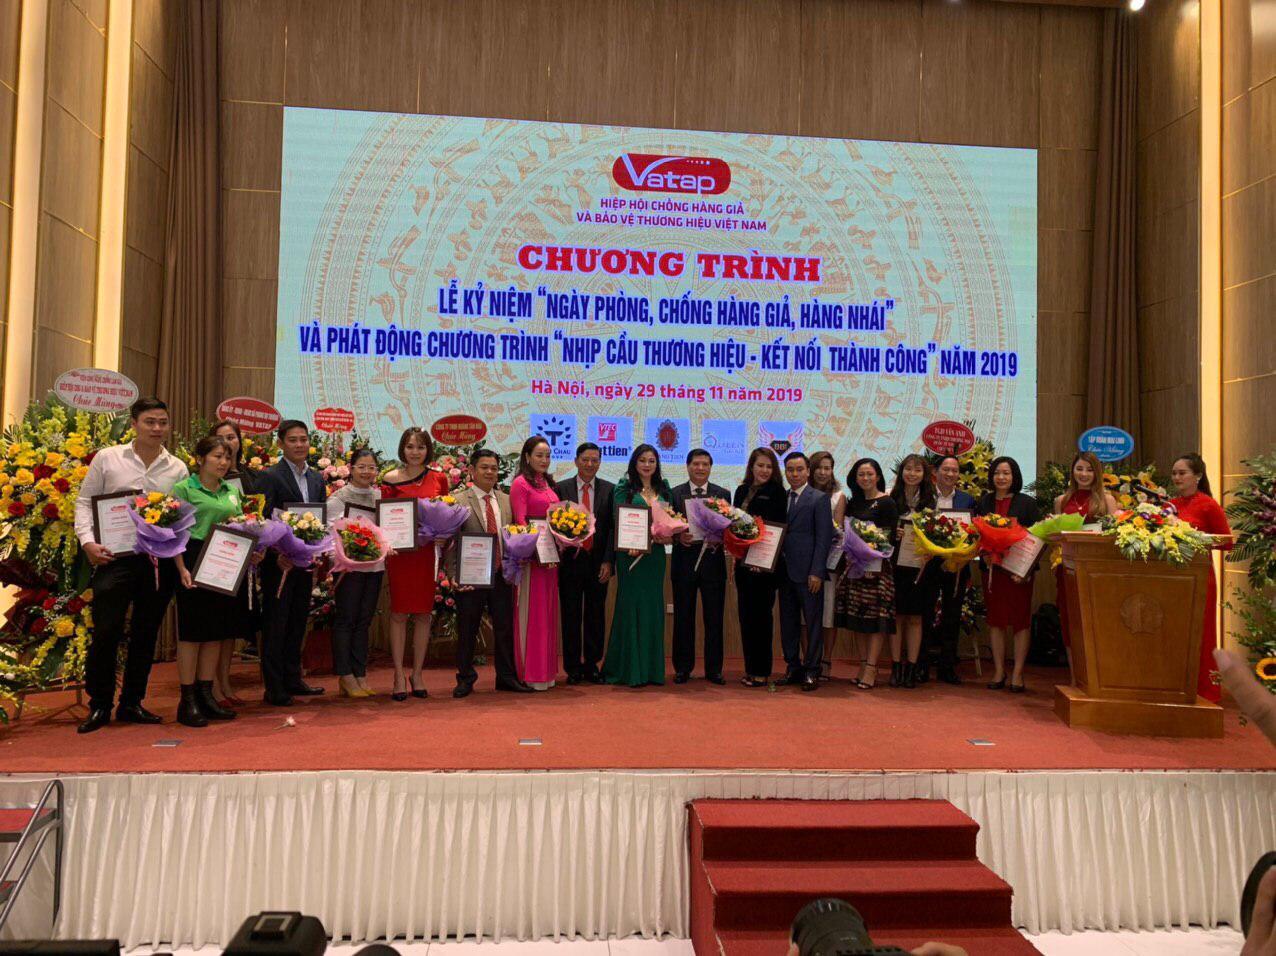 Ntea Việt Nam tham dự: Lễ kỷ niệm ngày phòng chống hàng giả, hàng nhái năm 2019